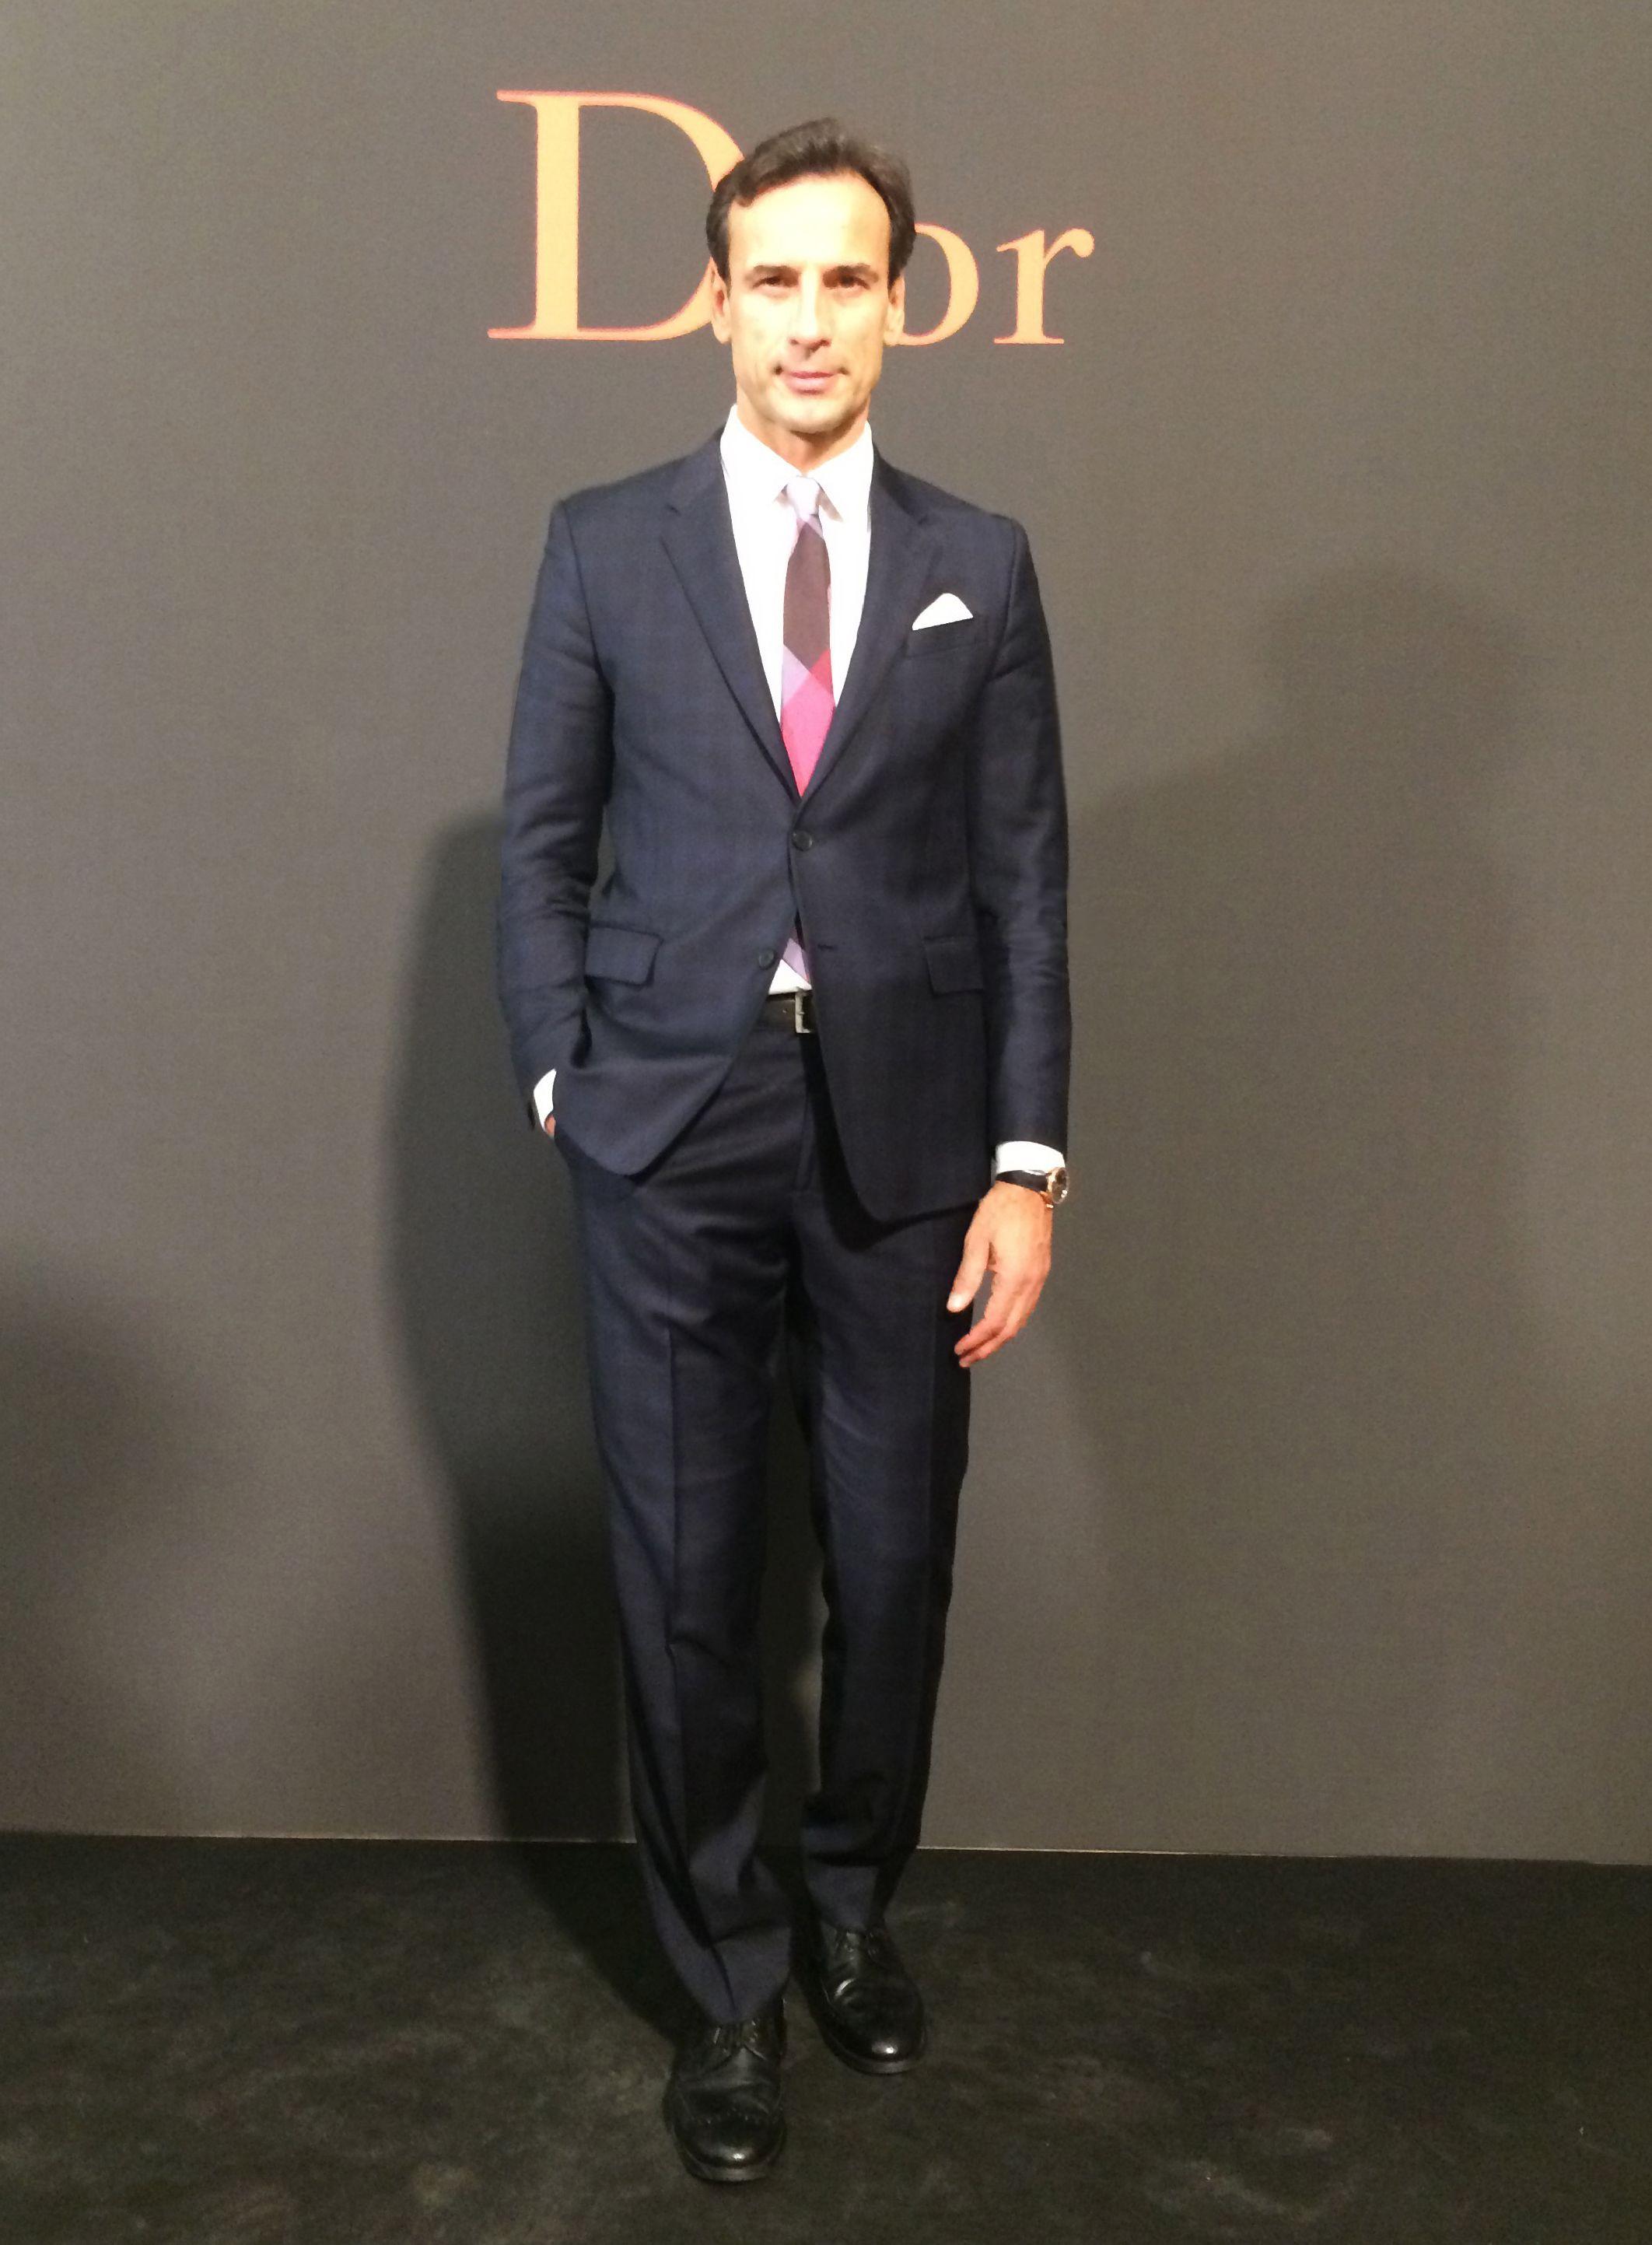 Dior Homme PretaPorter Show Paris Autumn Winter Adnan - Pret à porter homme